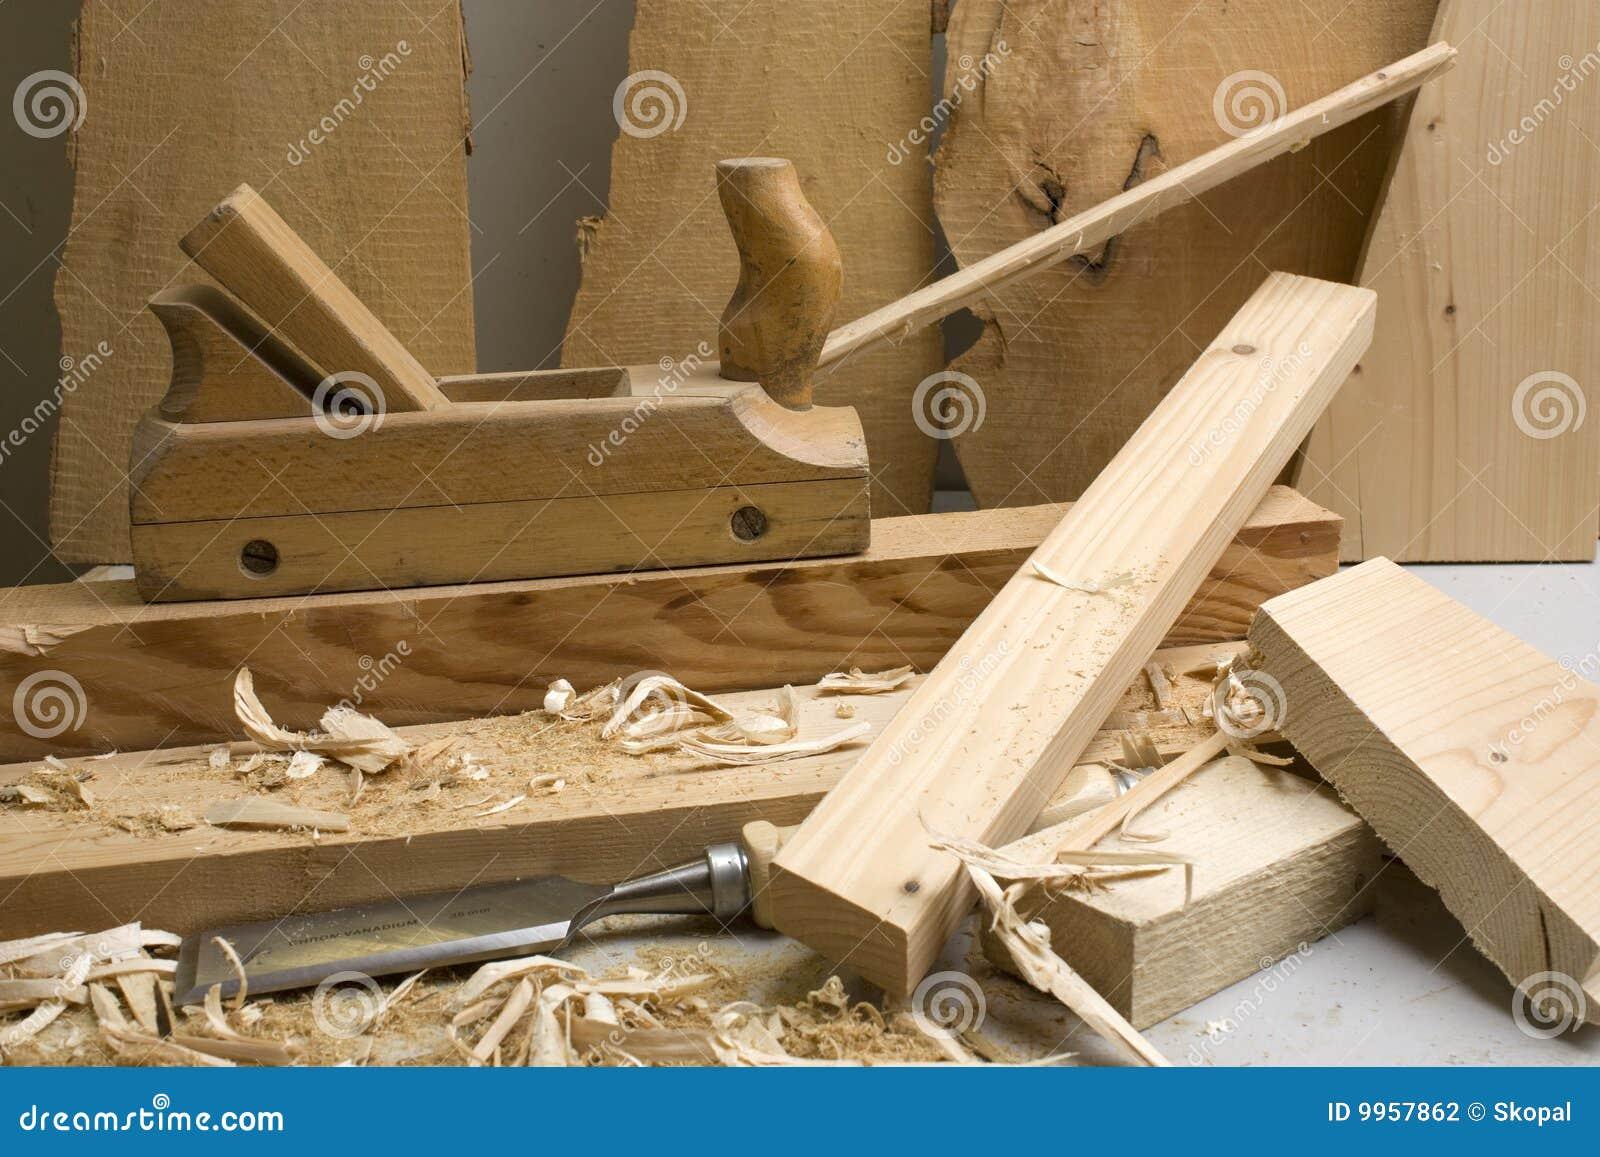 atelier de menuiserie avec les outils en bois photo stock. Black Bedroom Furniture Sets. Home Design Ideas